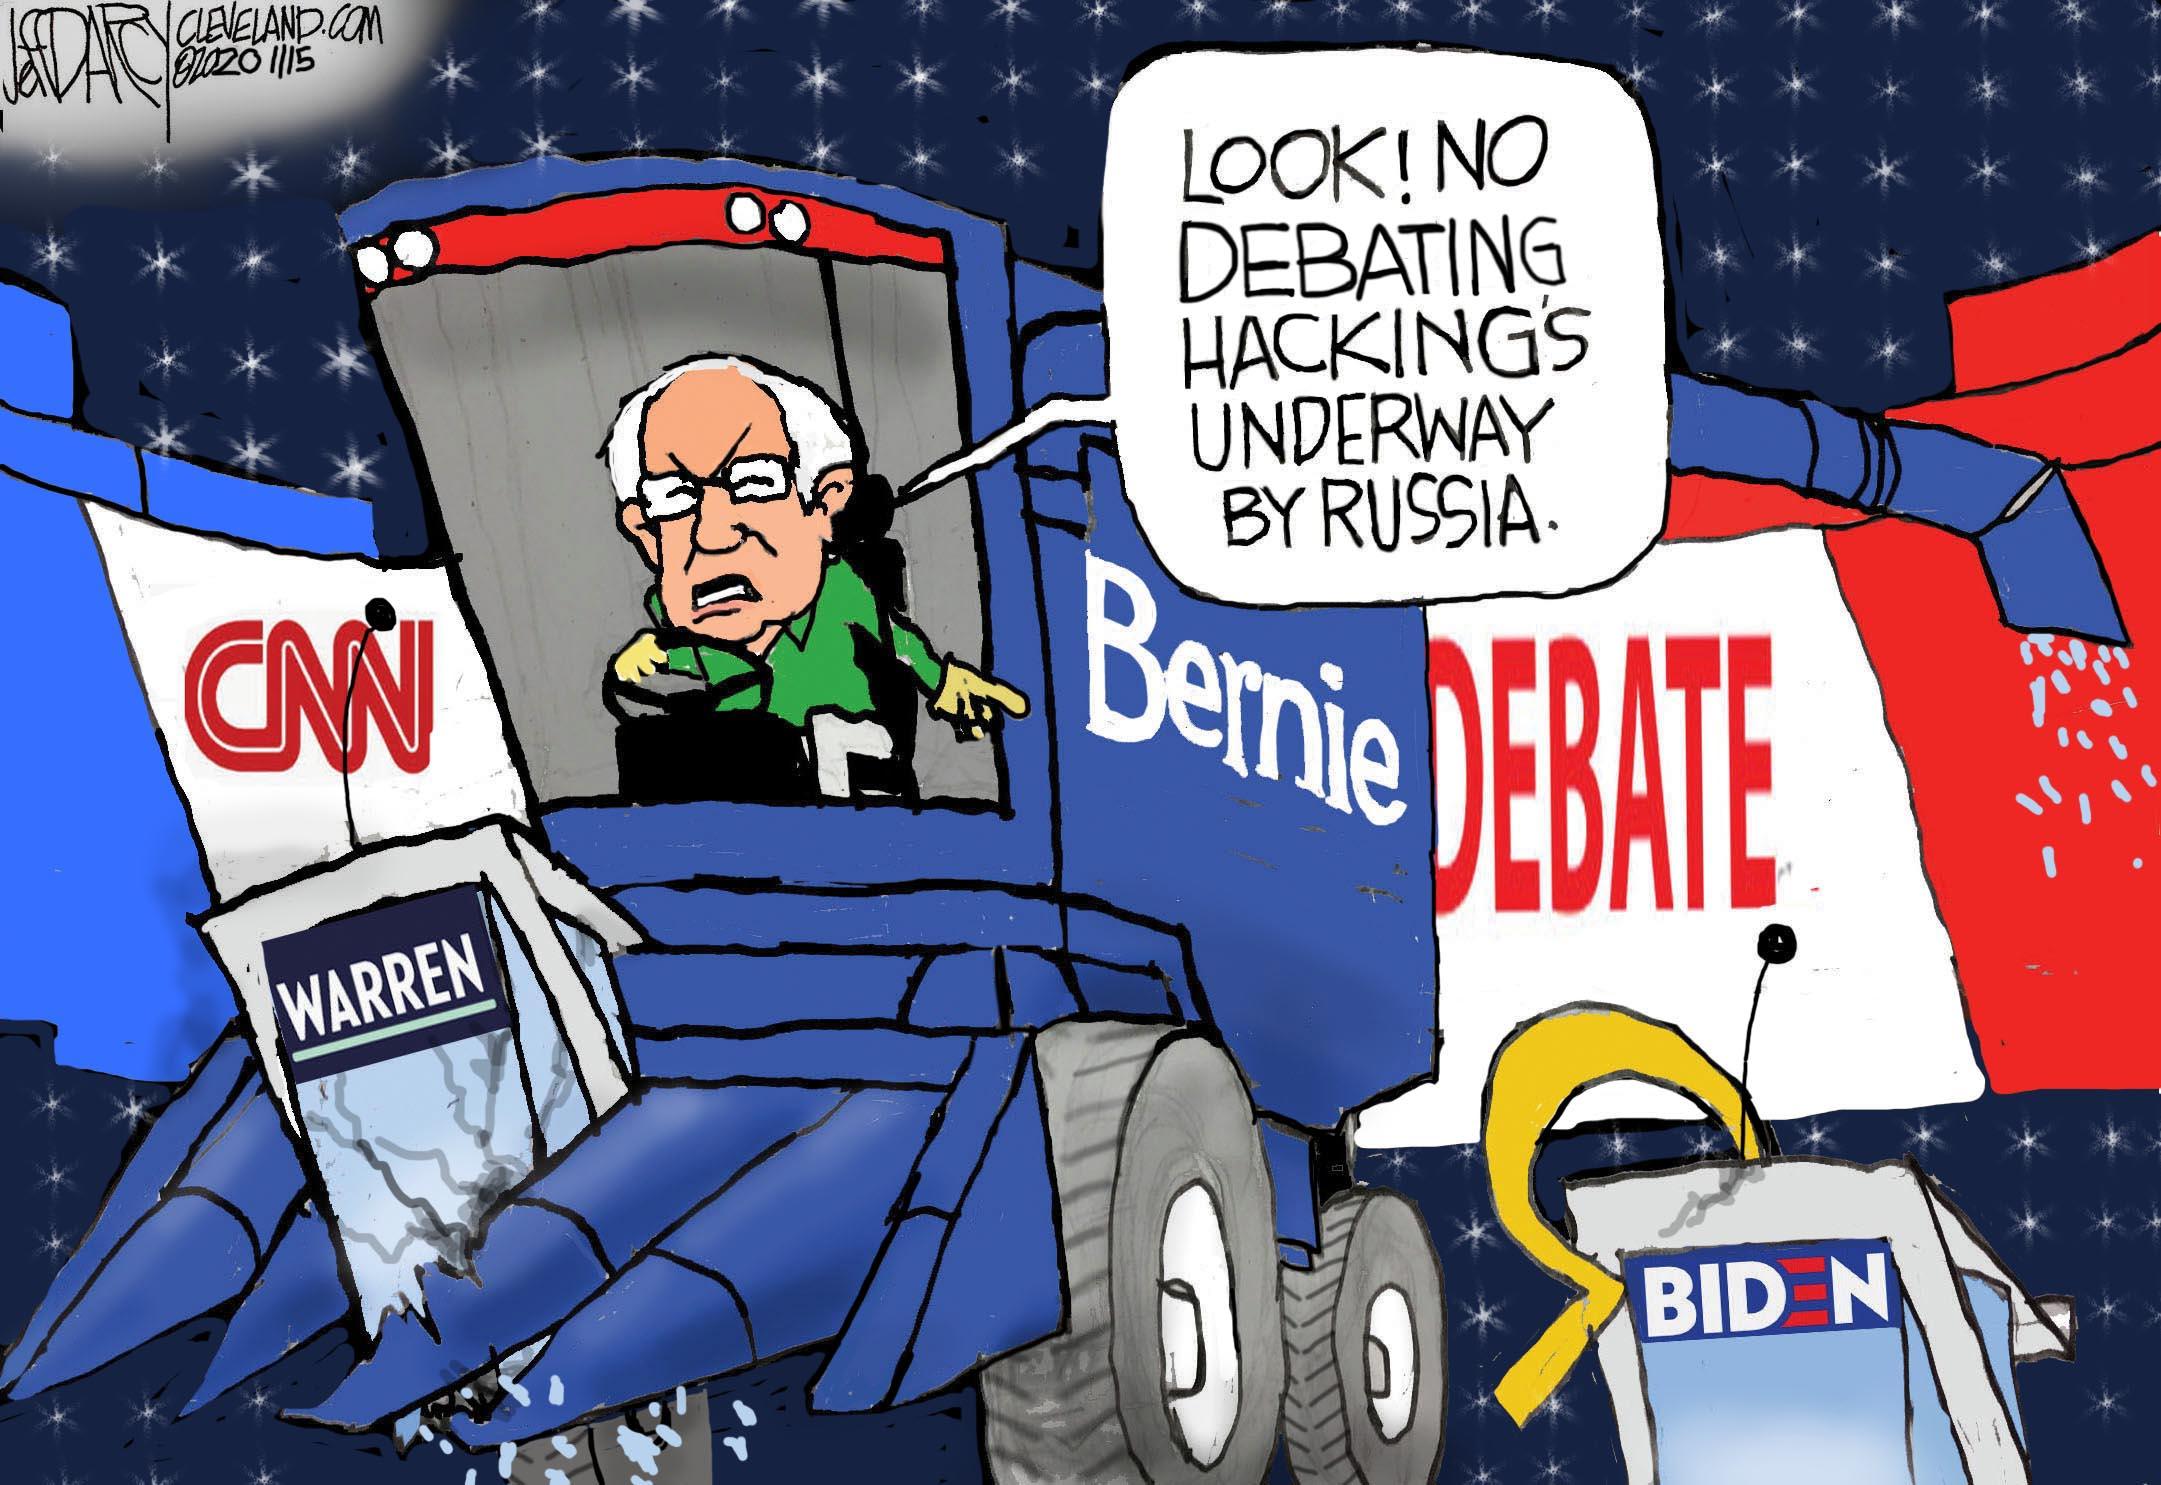 Warren Sanders Debate Russia Hacking Darcy Cartoon Cleveland Com